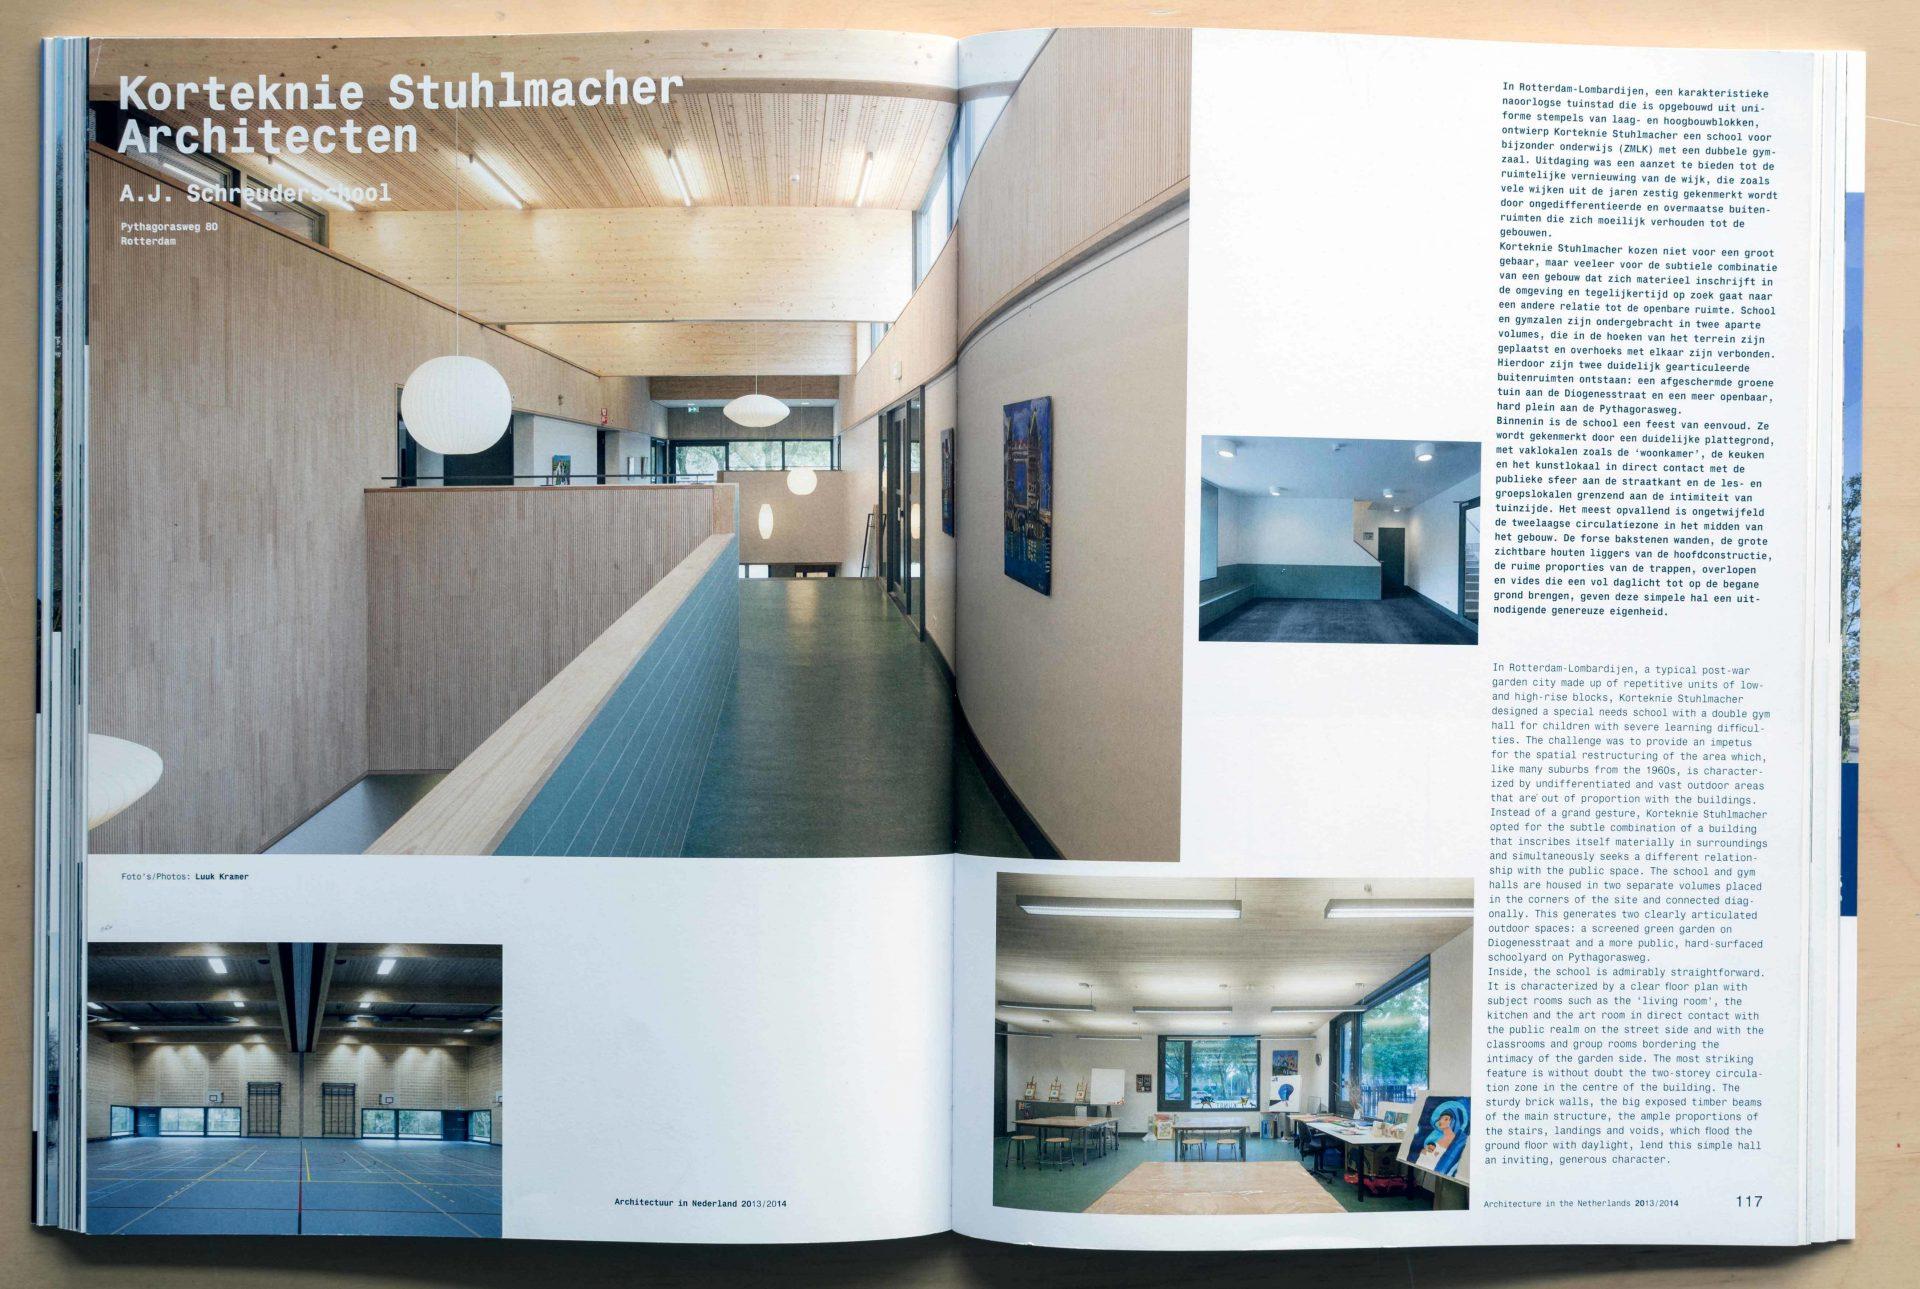 Jaarboek Schreuder 1 Dsc 4864